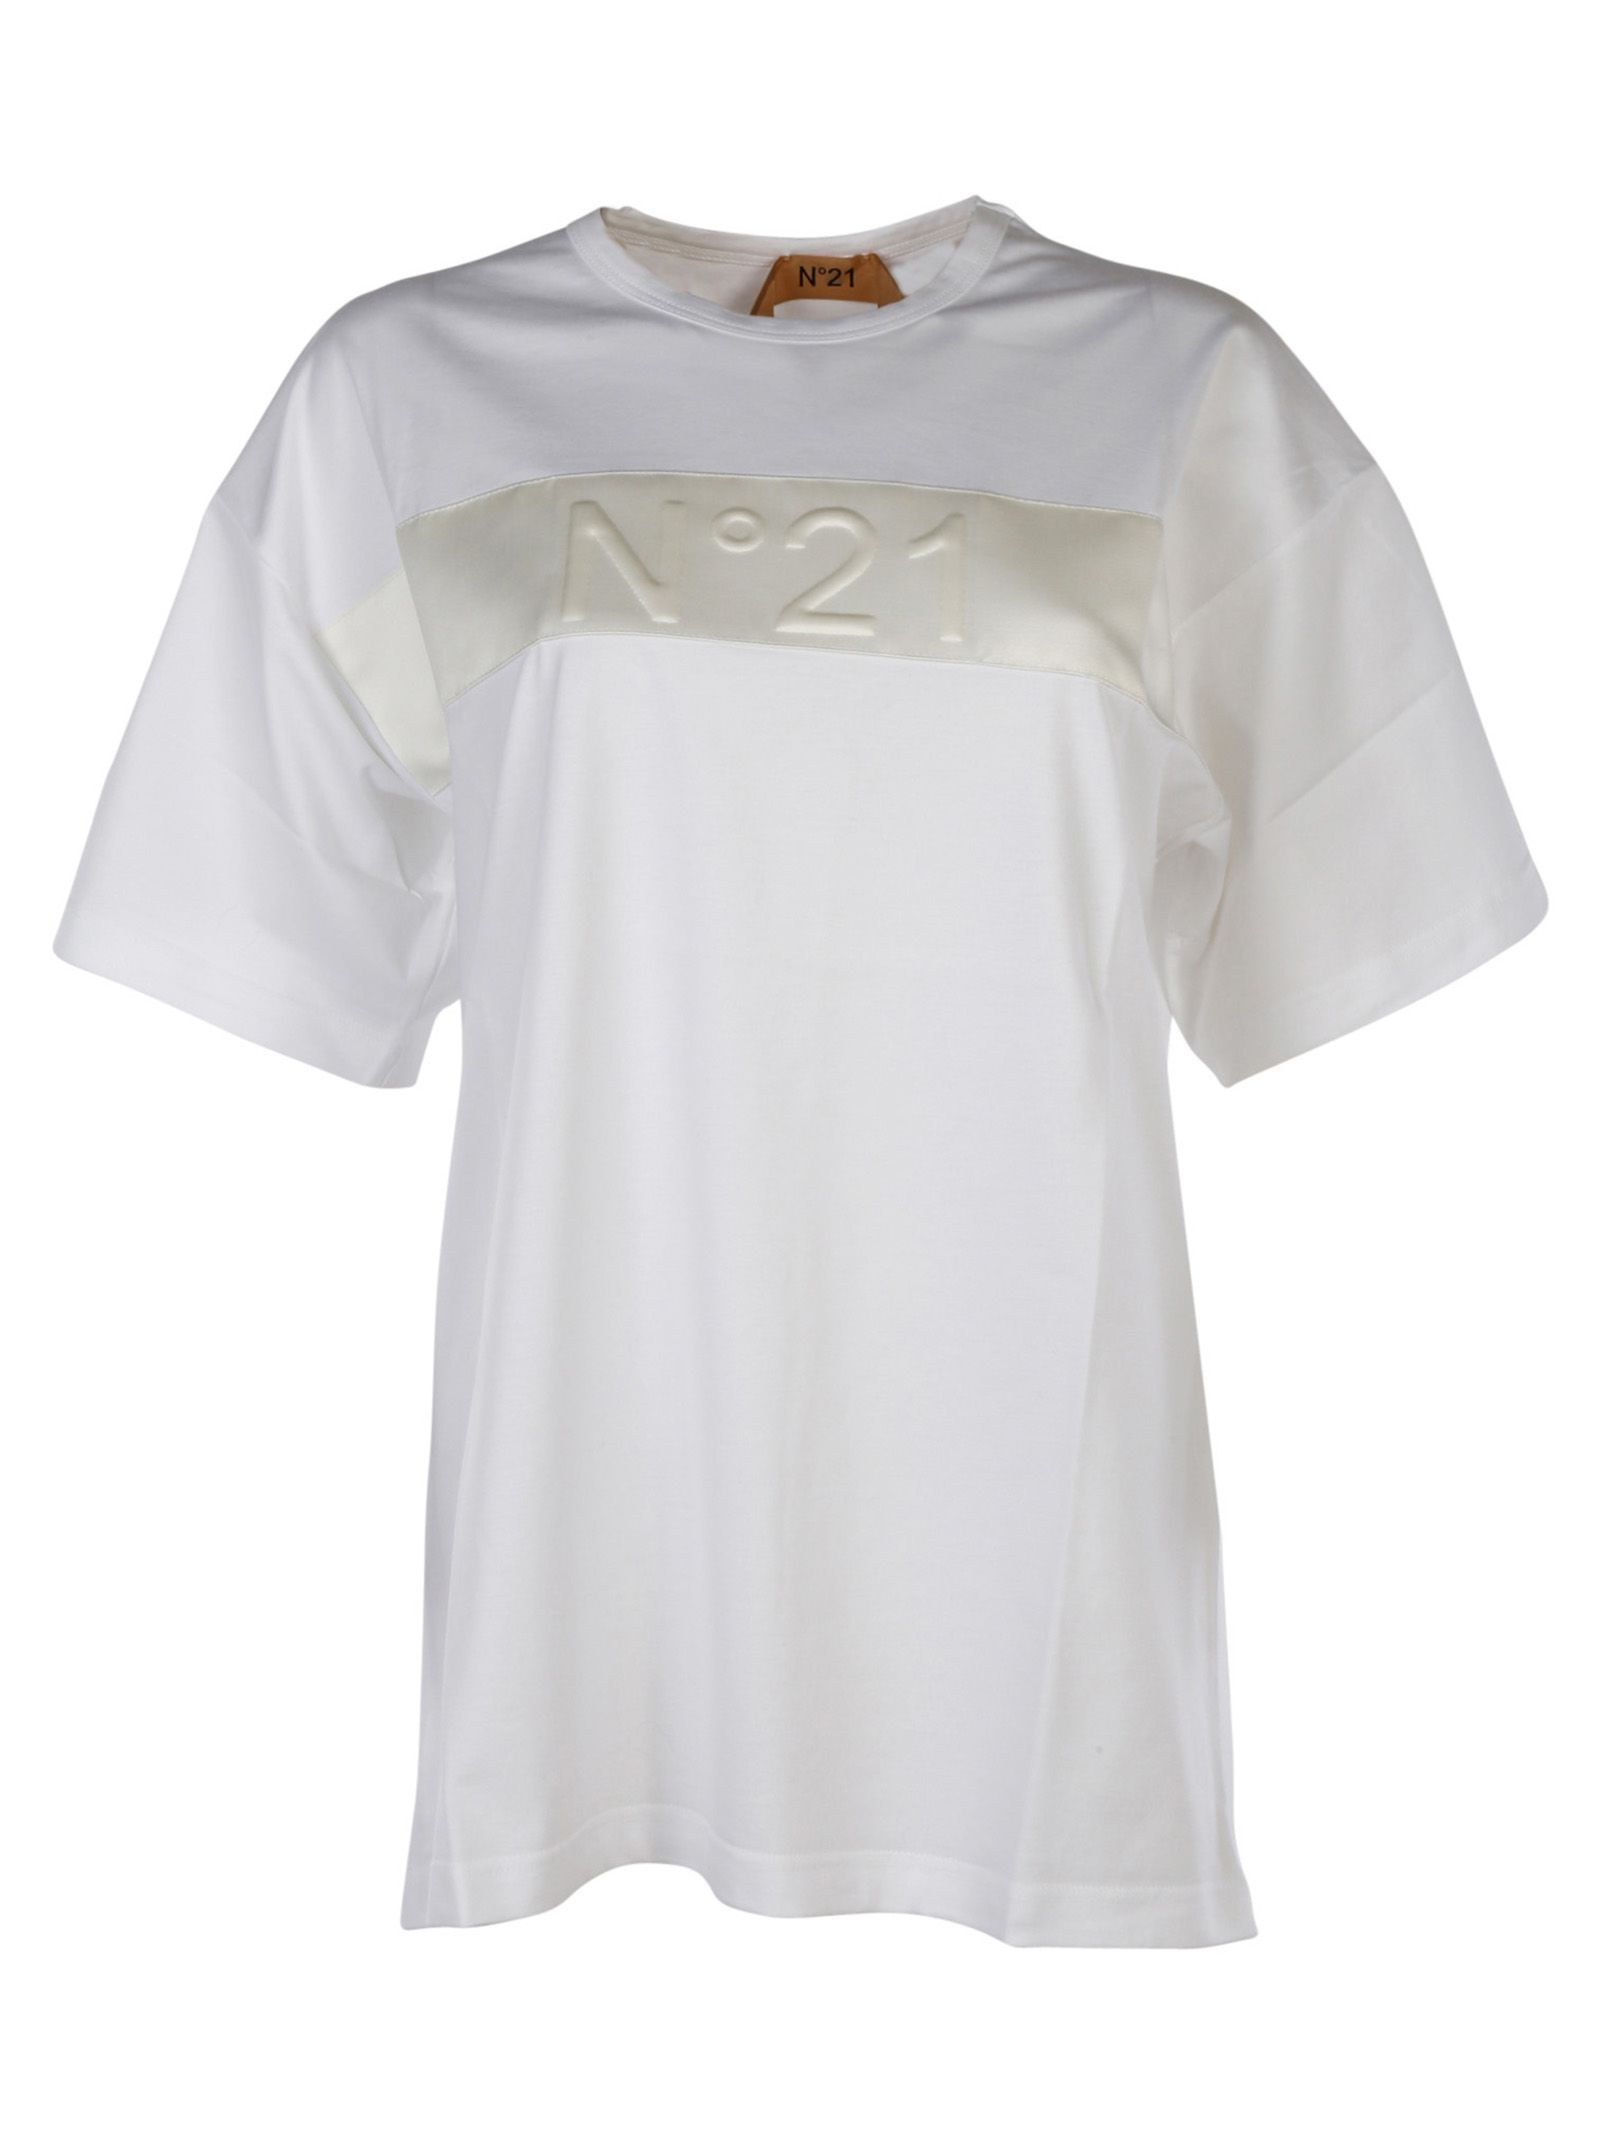 N°21 Oversized Logo T-shirt